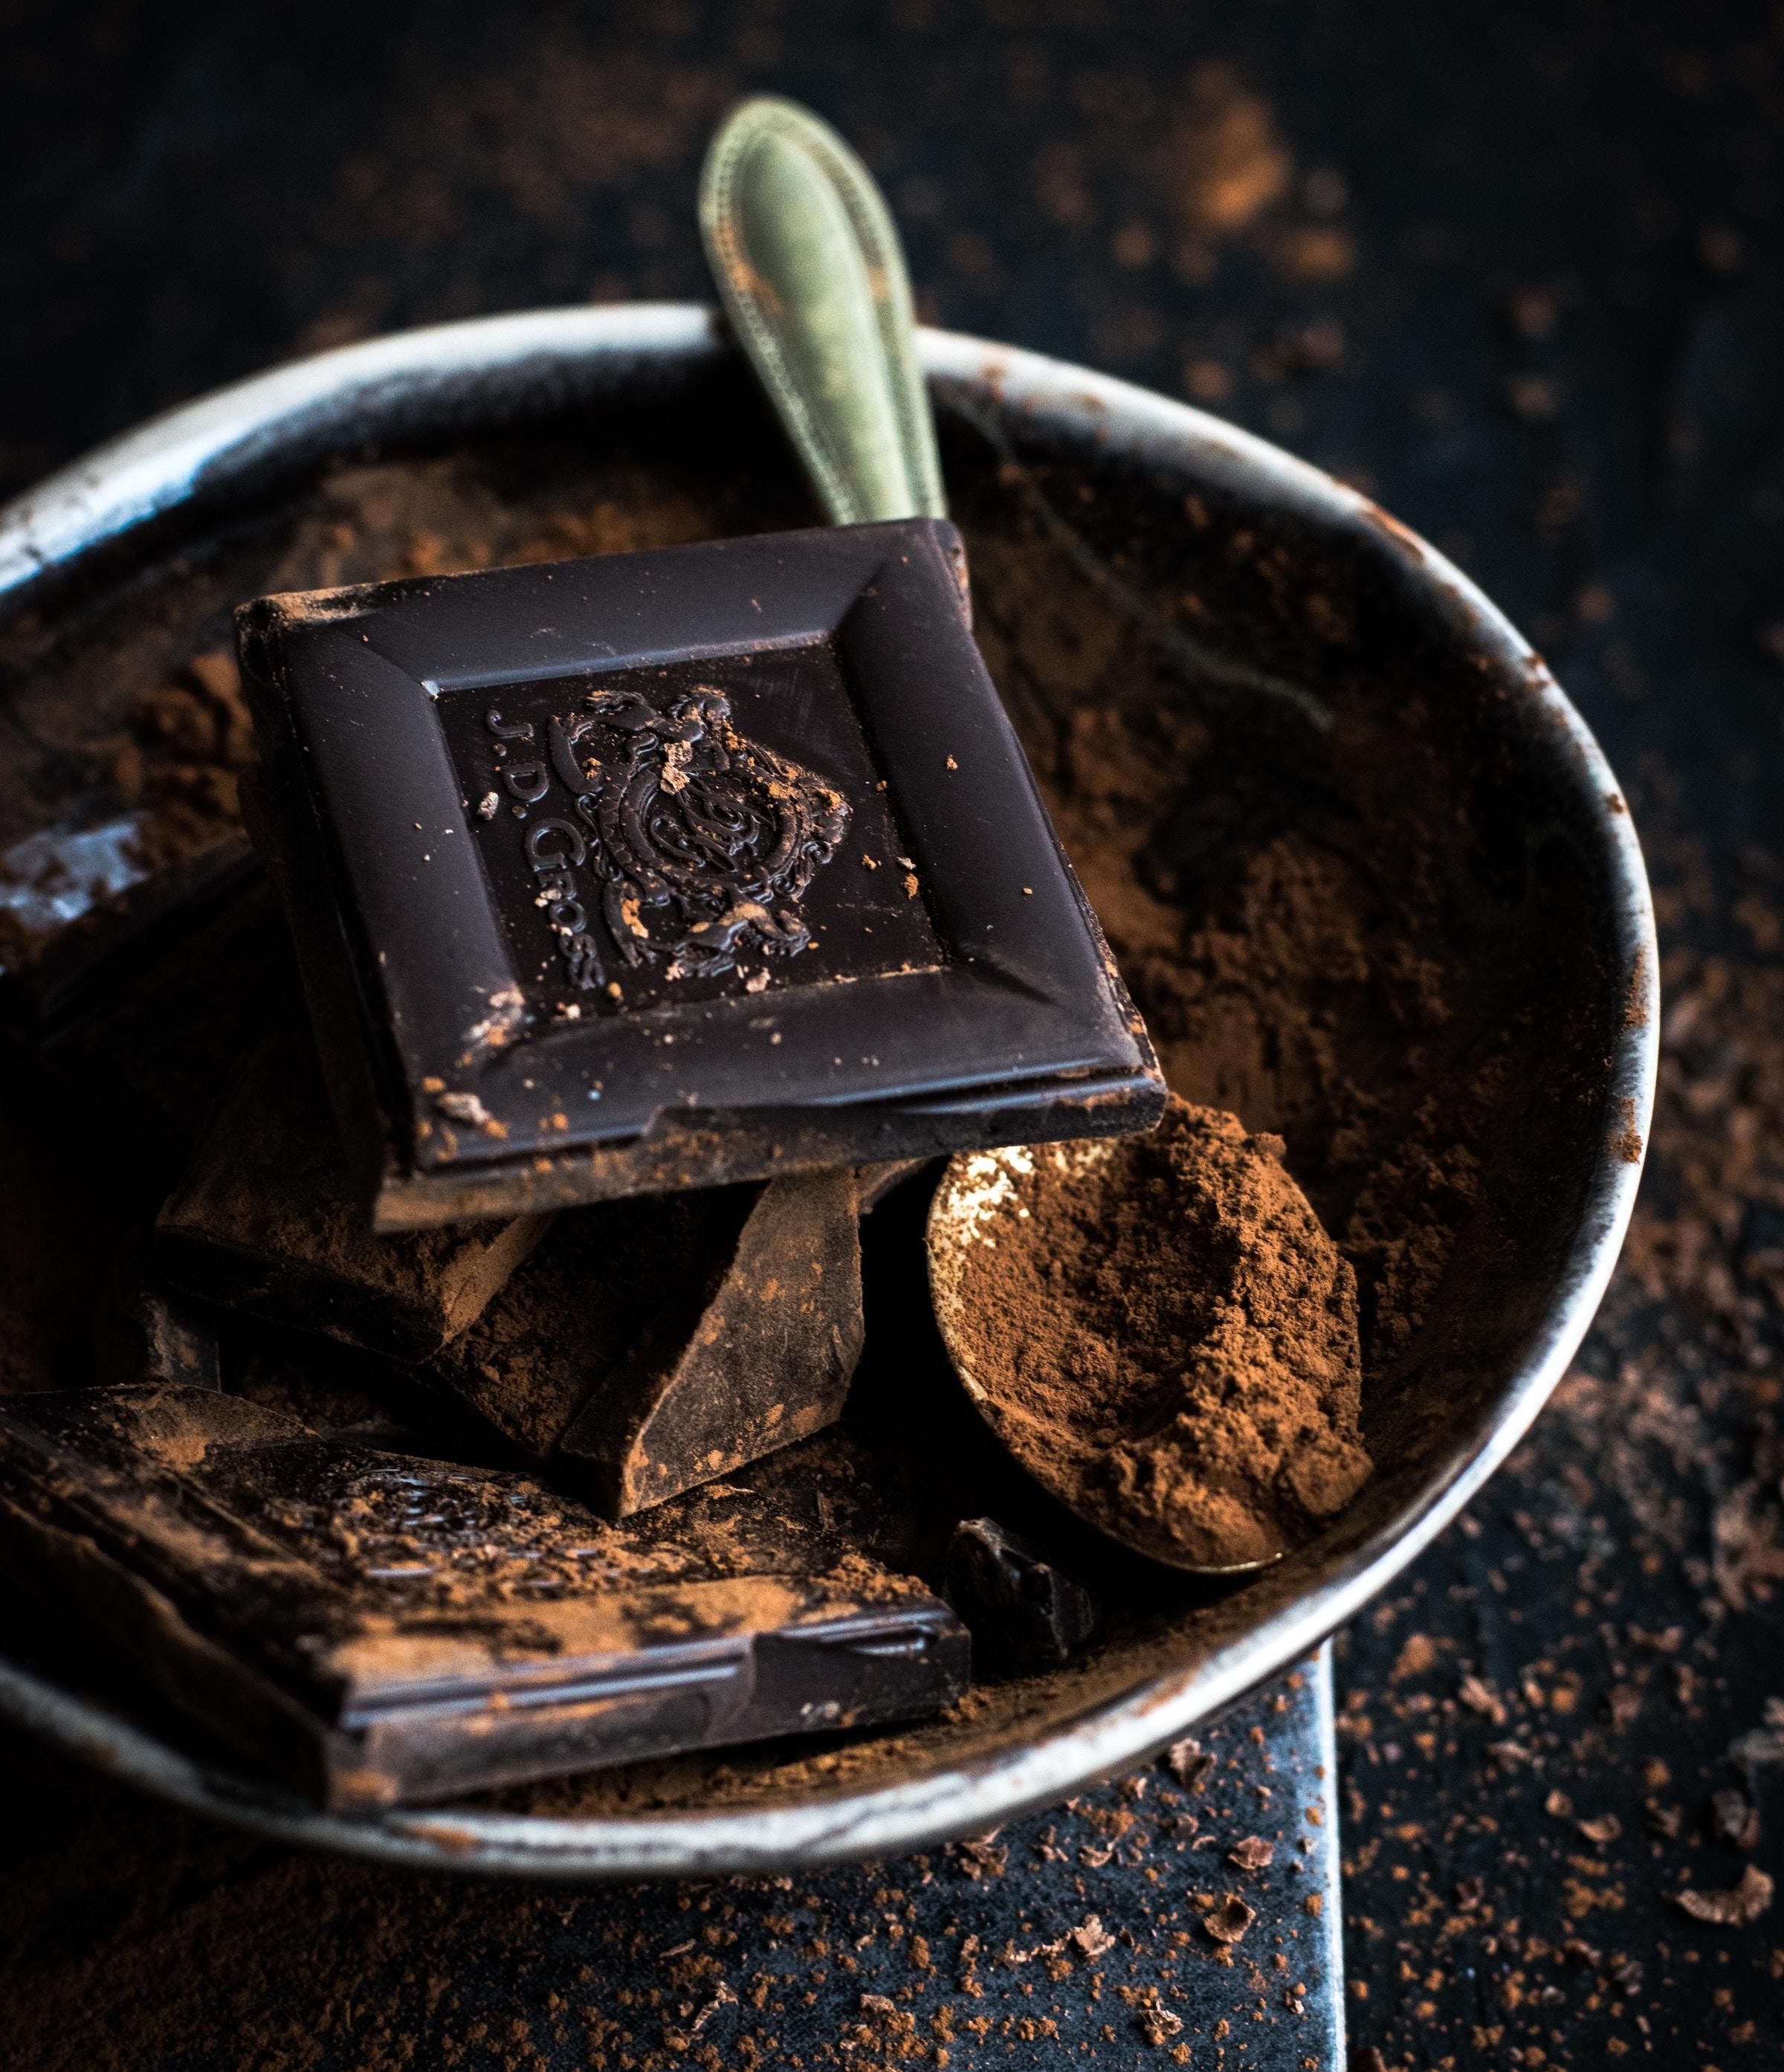 Minőségi csokoládé, valódi öröm